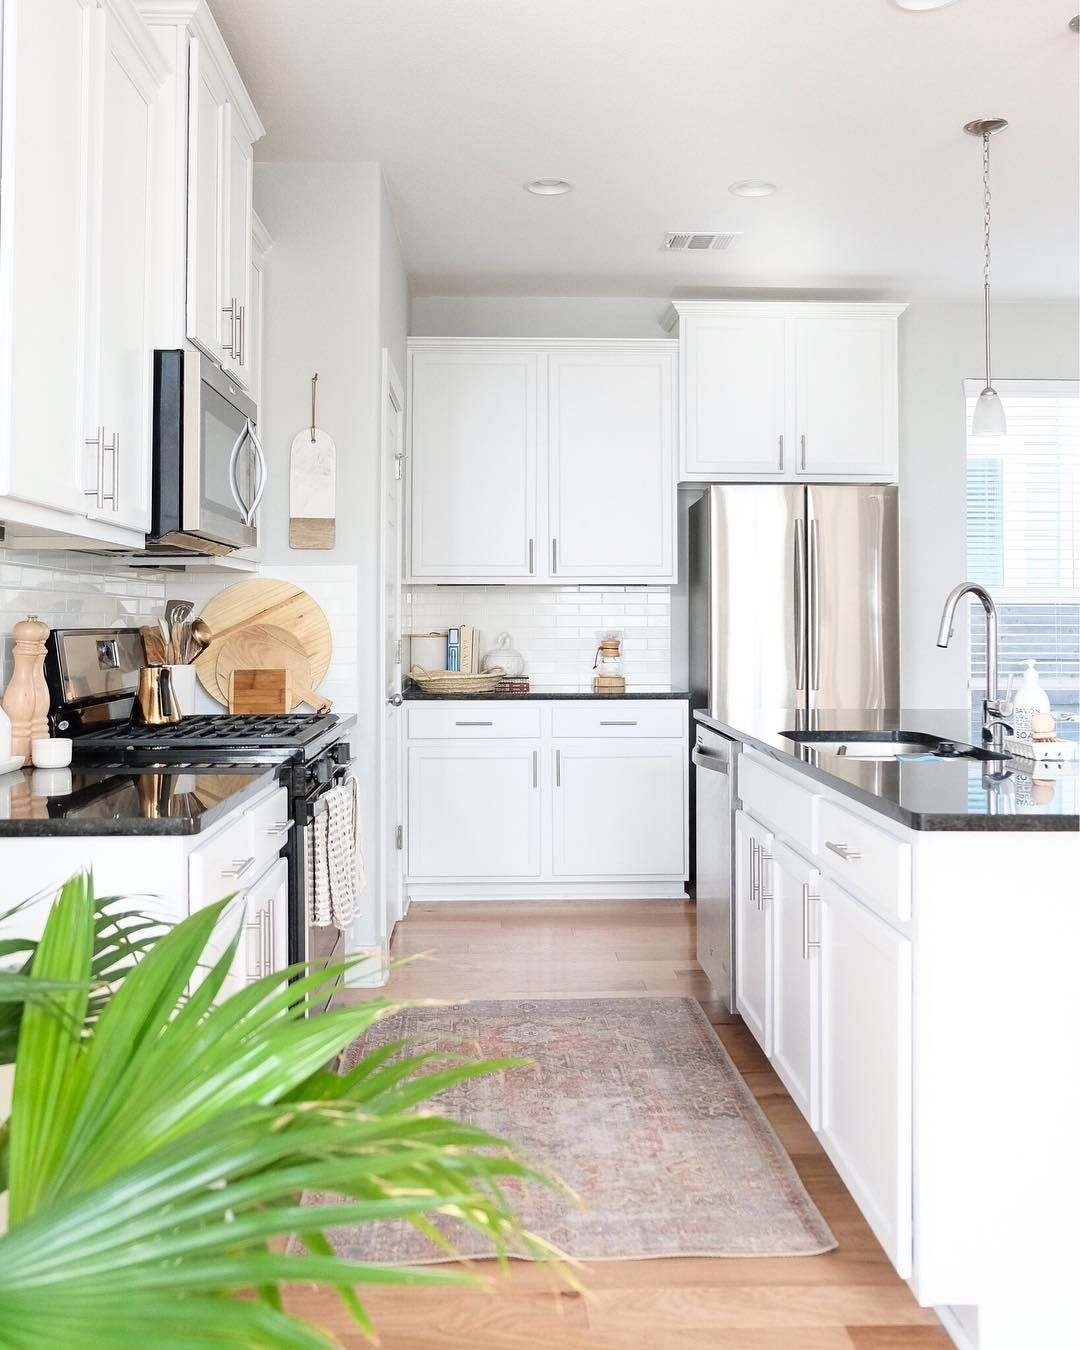 coastal kitchen rugs touchless faucet bright white with a vintage rug rugmadetheroom coastalliving coastalhomedecor